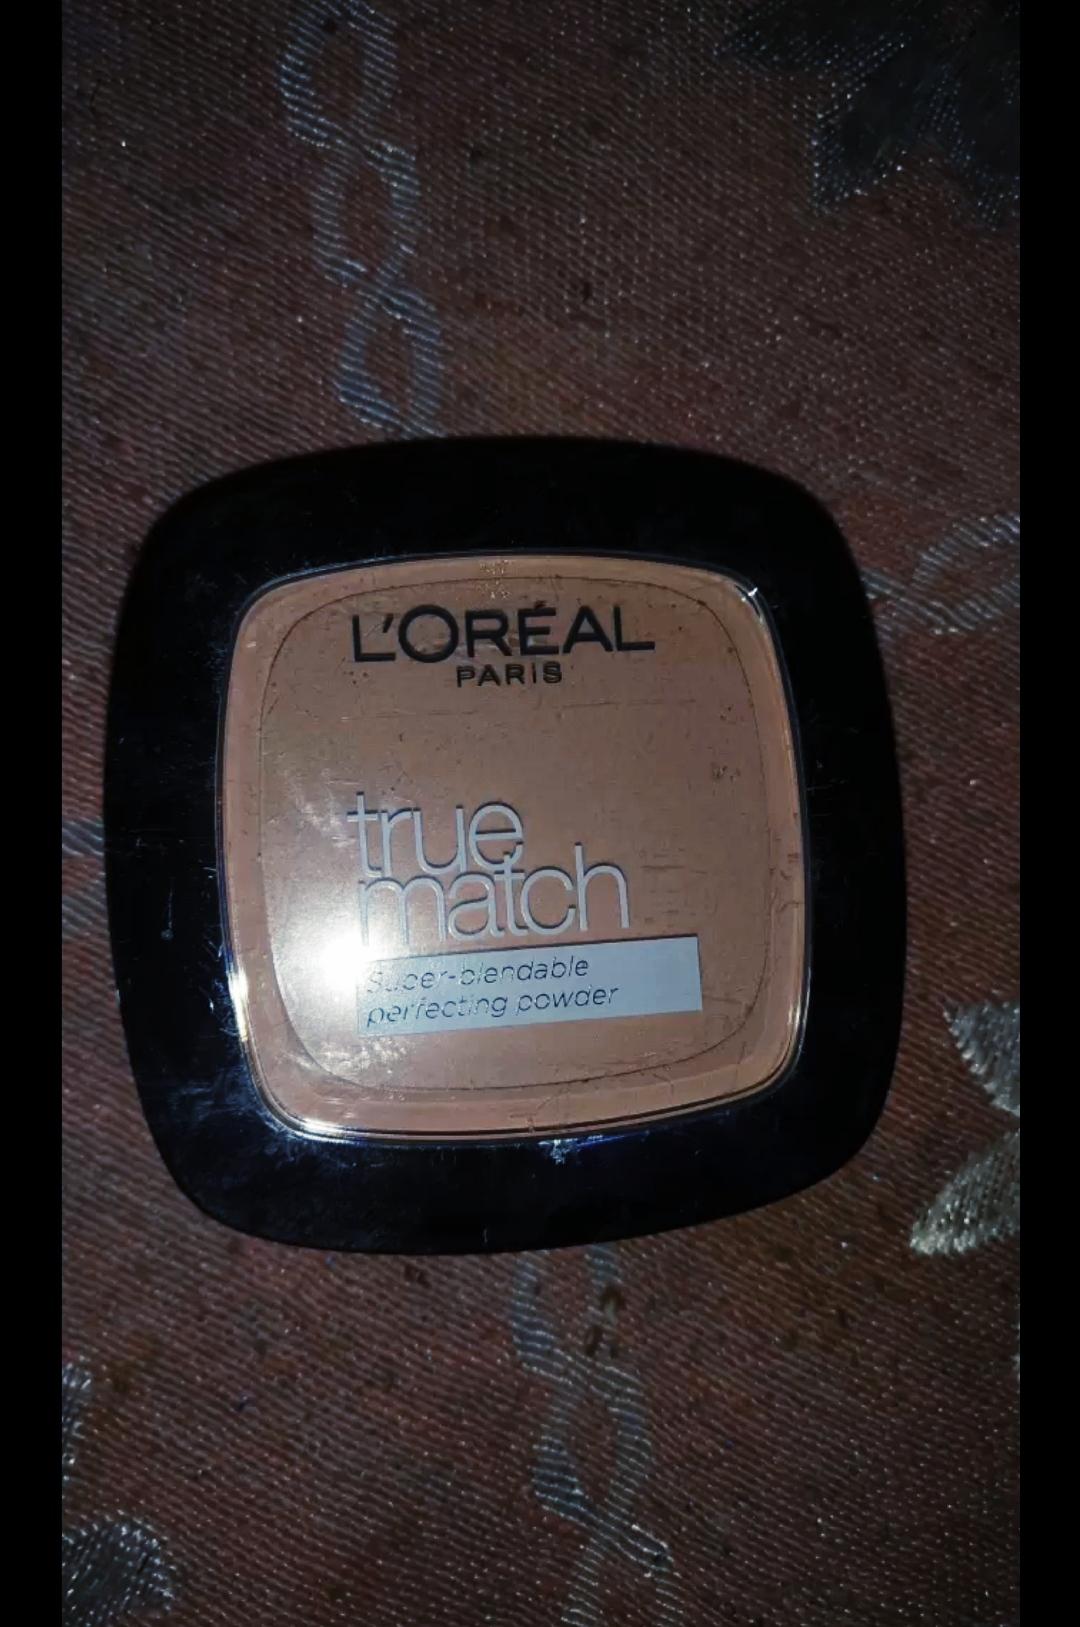 L'Oreal True Match Powder-Good-By amarpreet